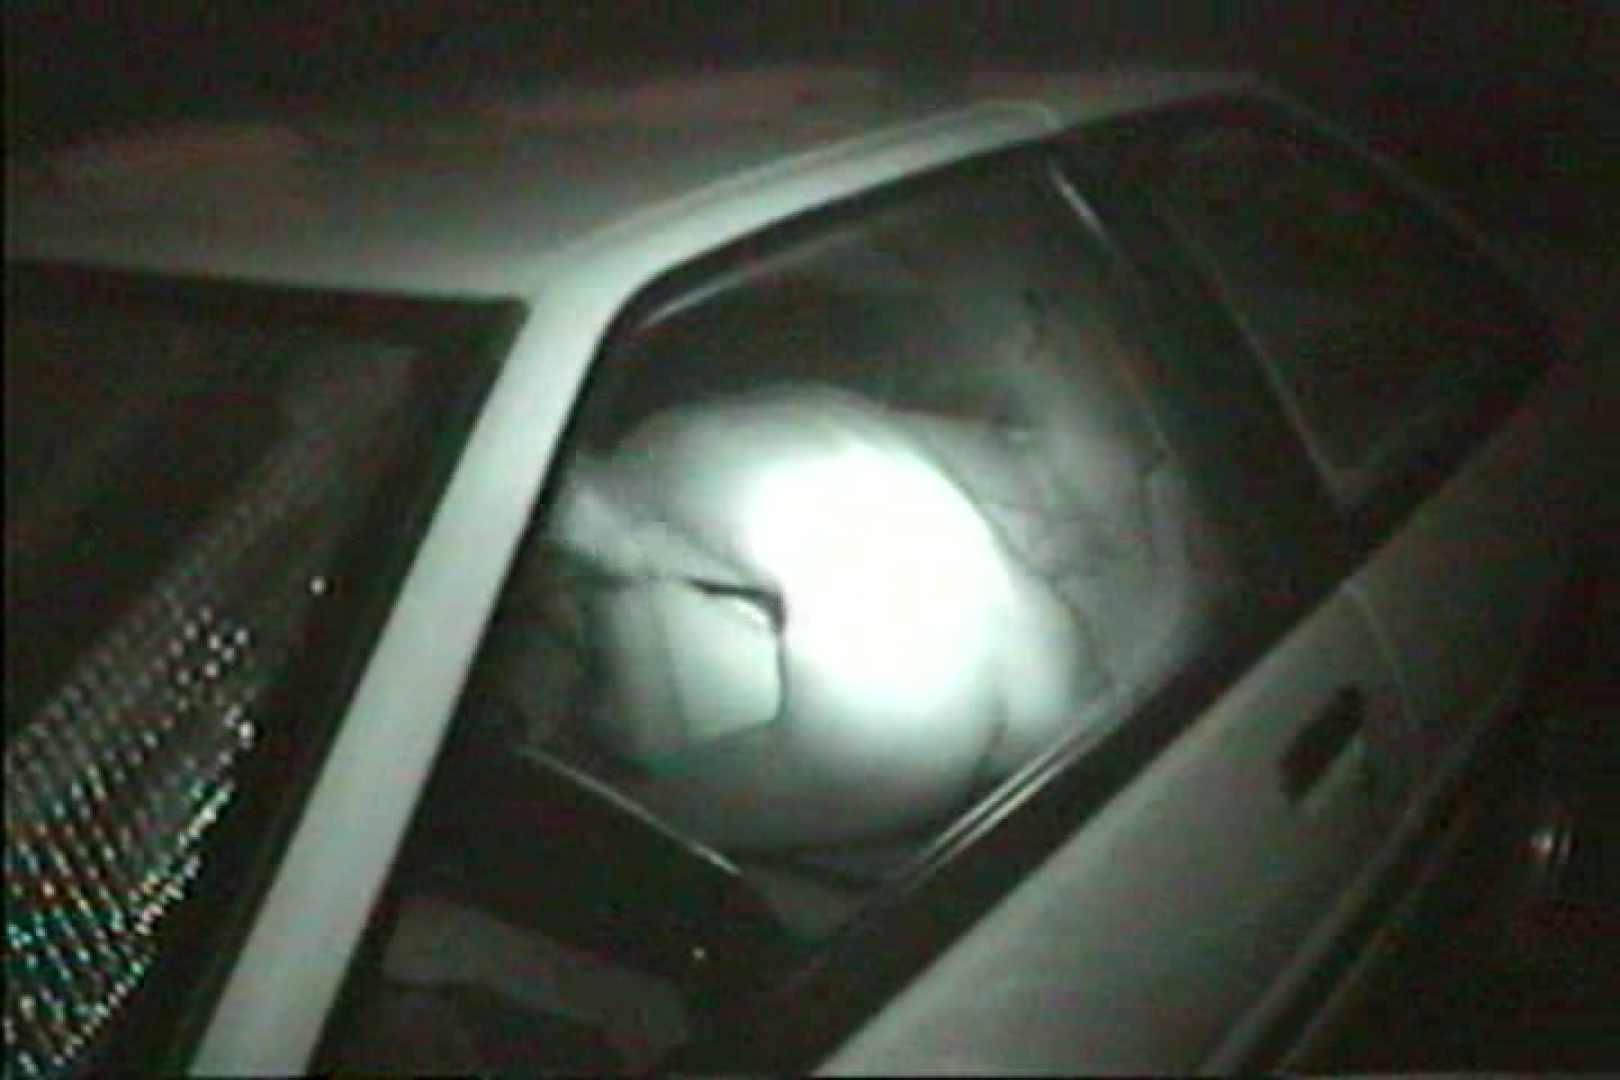 車の中はラブホテル 無修正版  Vol.28 ホテル のぞき濡れ場動画紹介 79画像 16